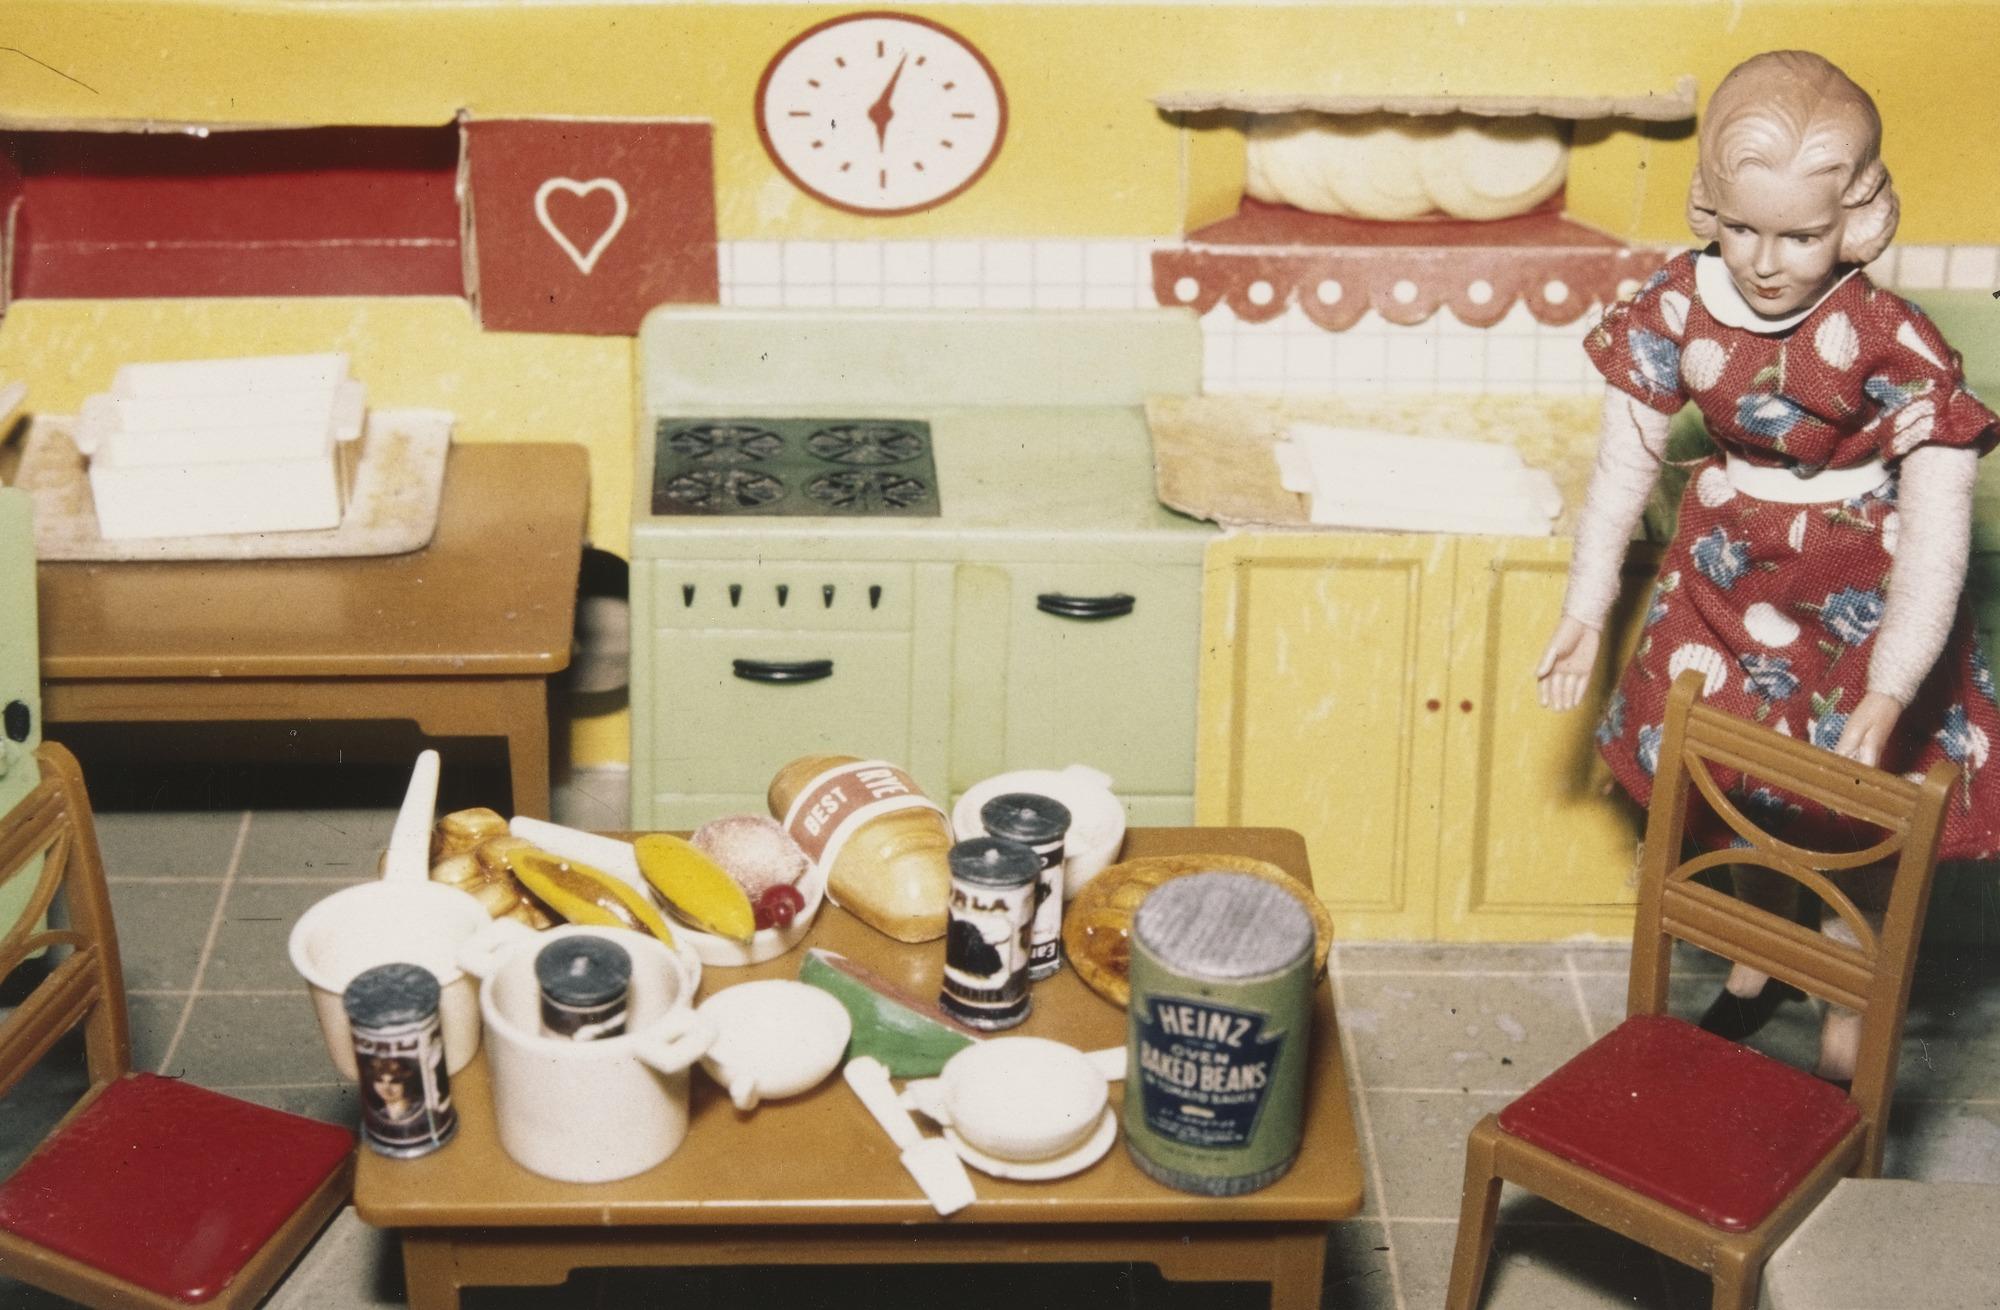 Dalla casa di bambola agli oggetti a due gambe: Laurie Simmons contro gli stereotipi femminili - Artwort